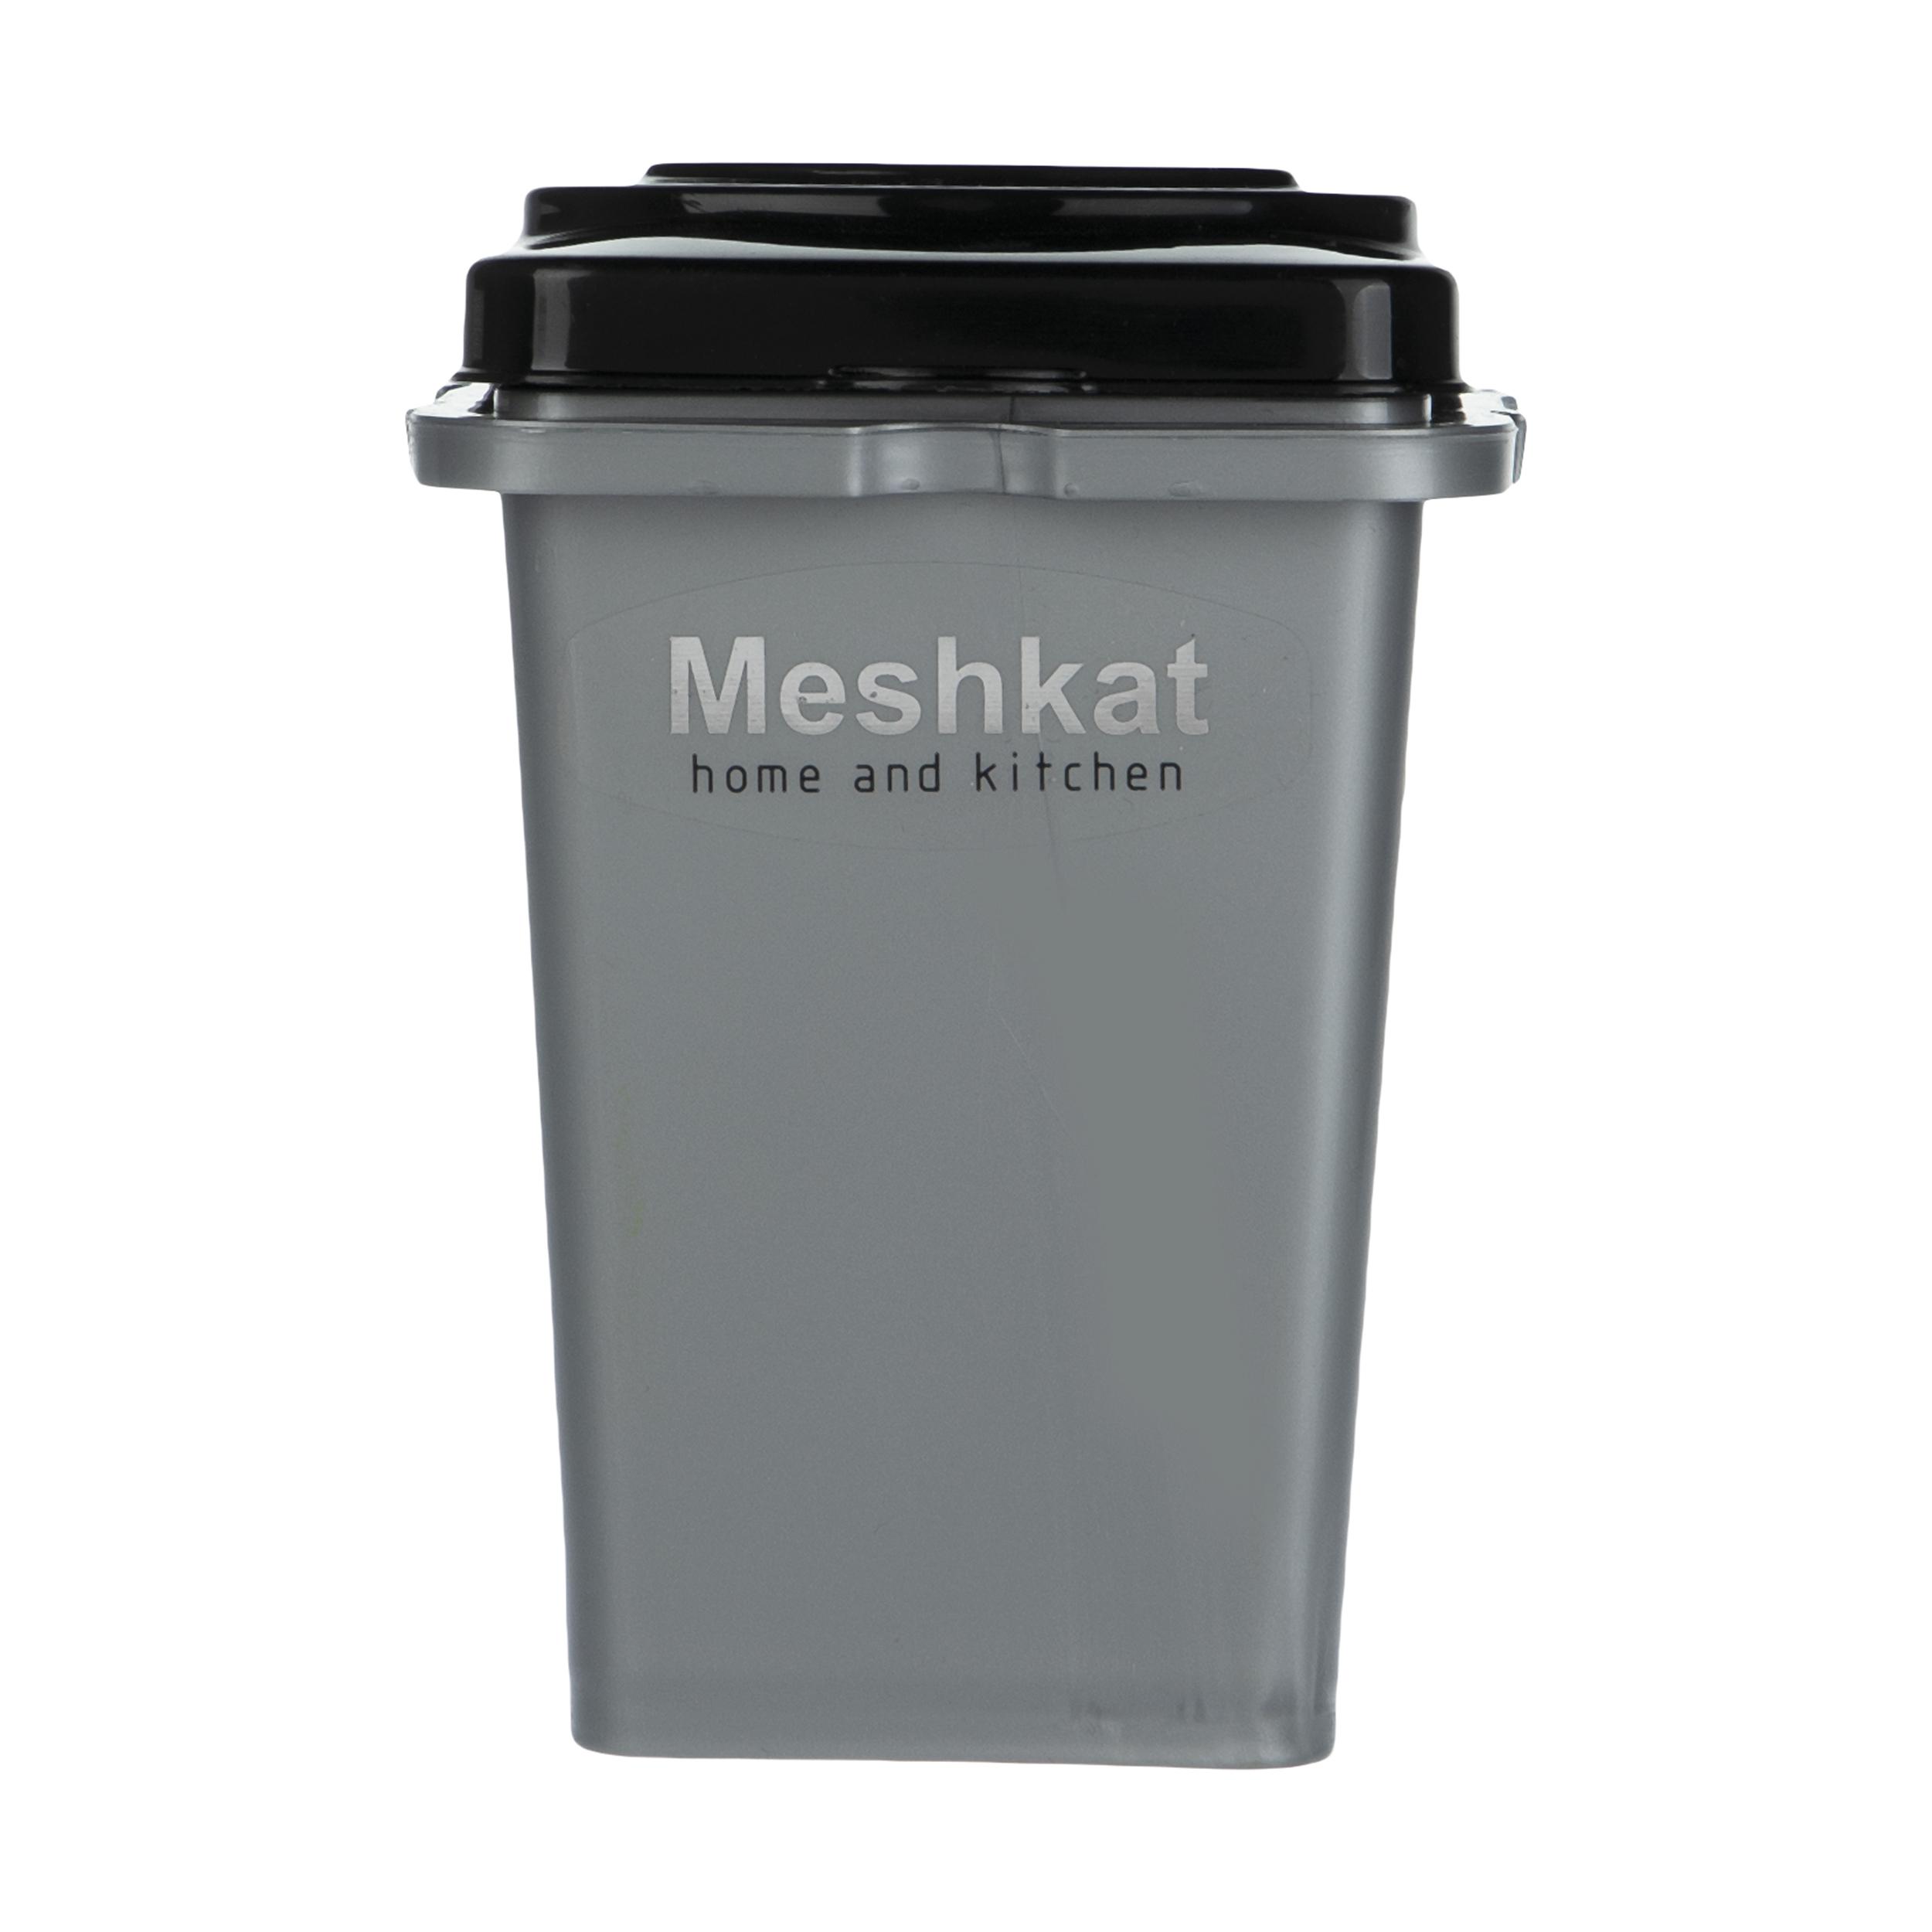 سطل زباله مشکات کد 11000-3